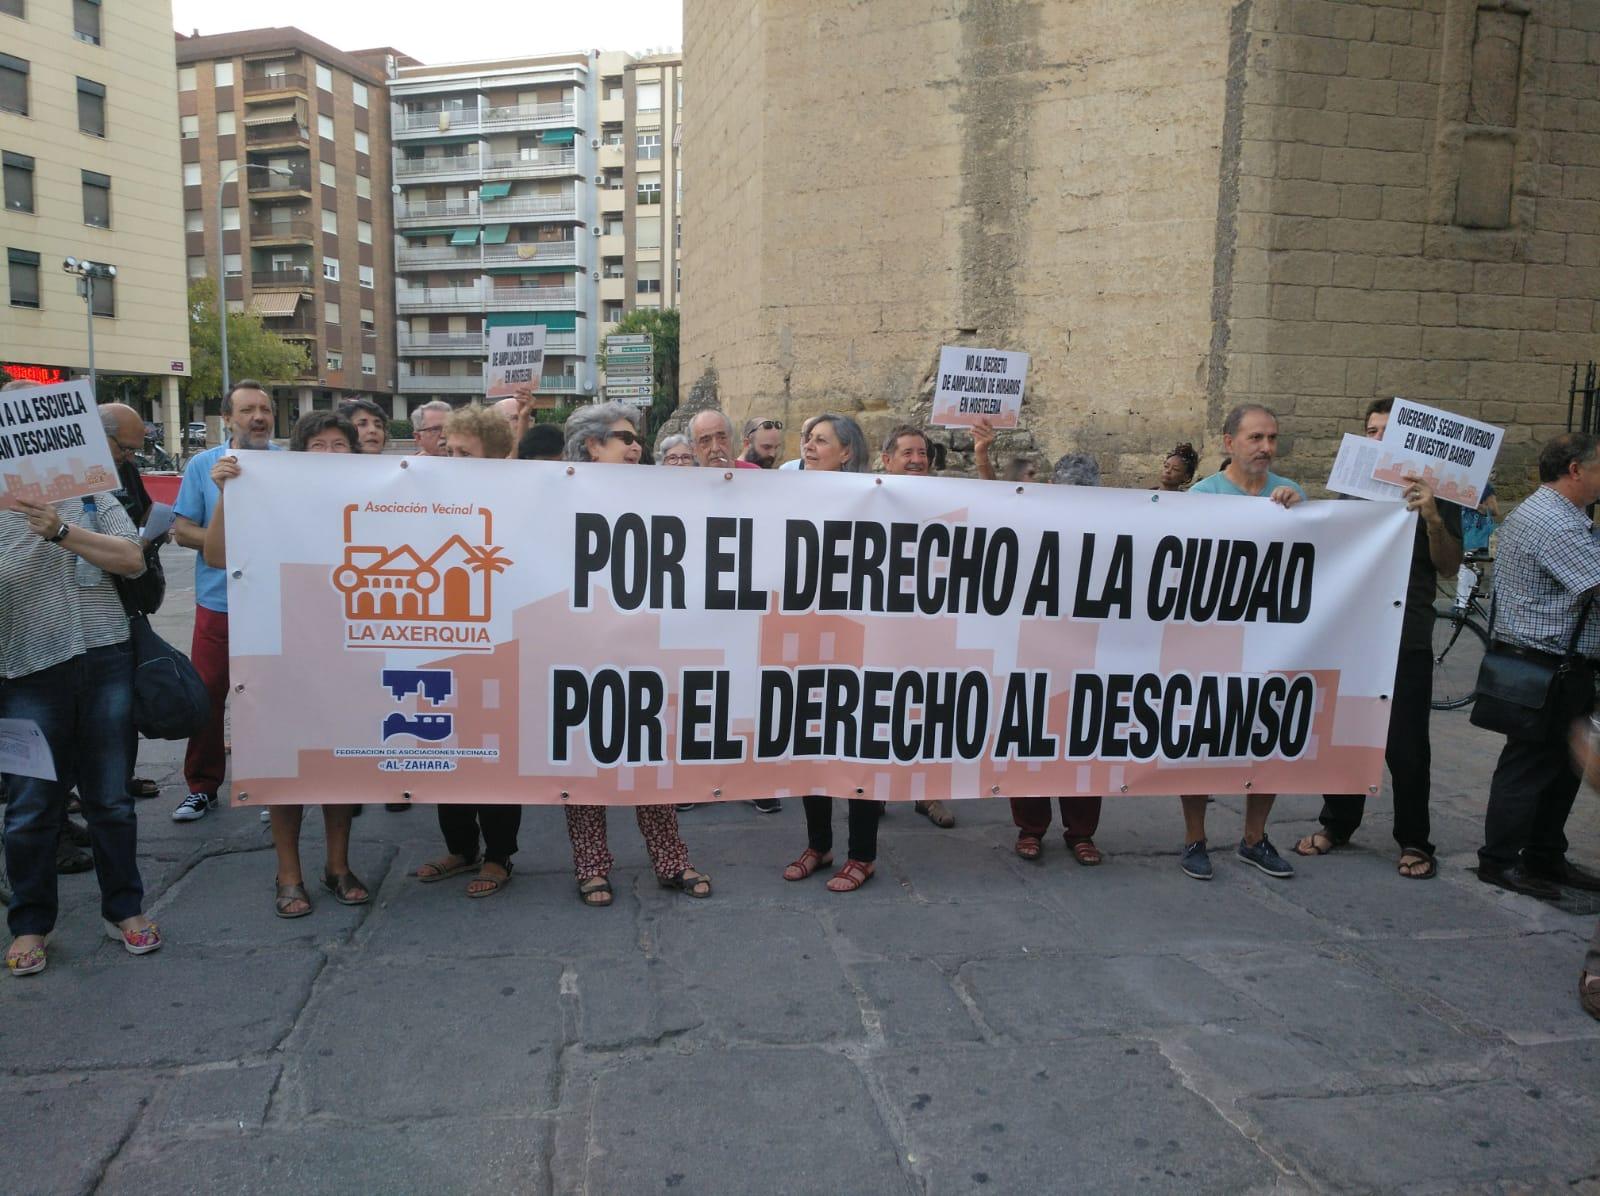 Protesta vecinal contra el decreto de la Junta de ampliación de horarios de establecimientos de ocio ante Rosa Aguilar